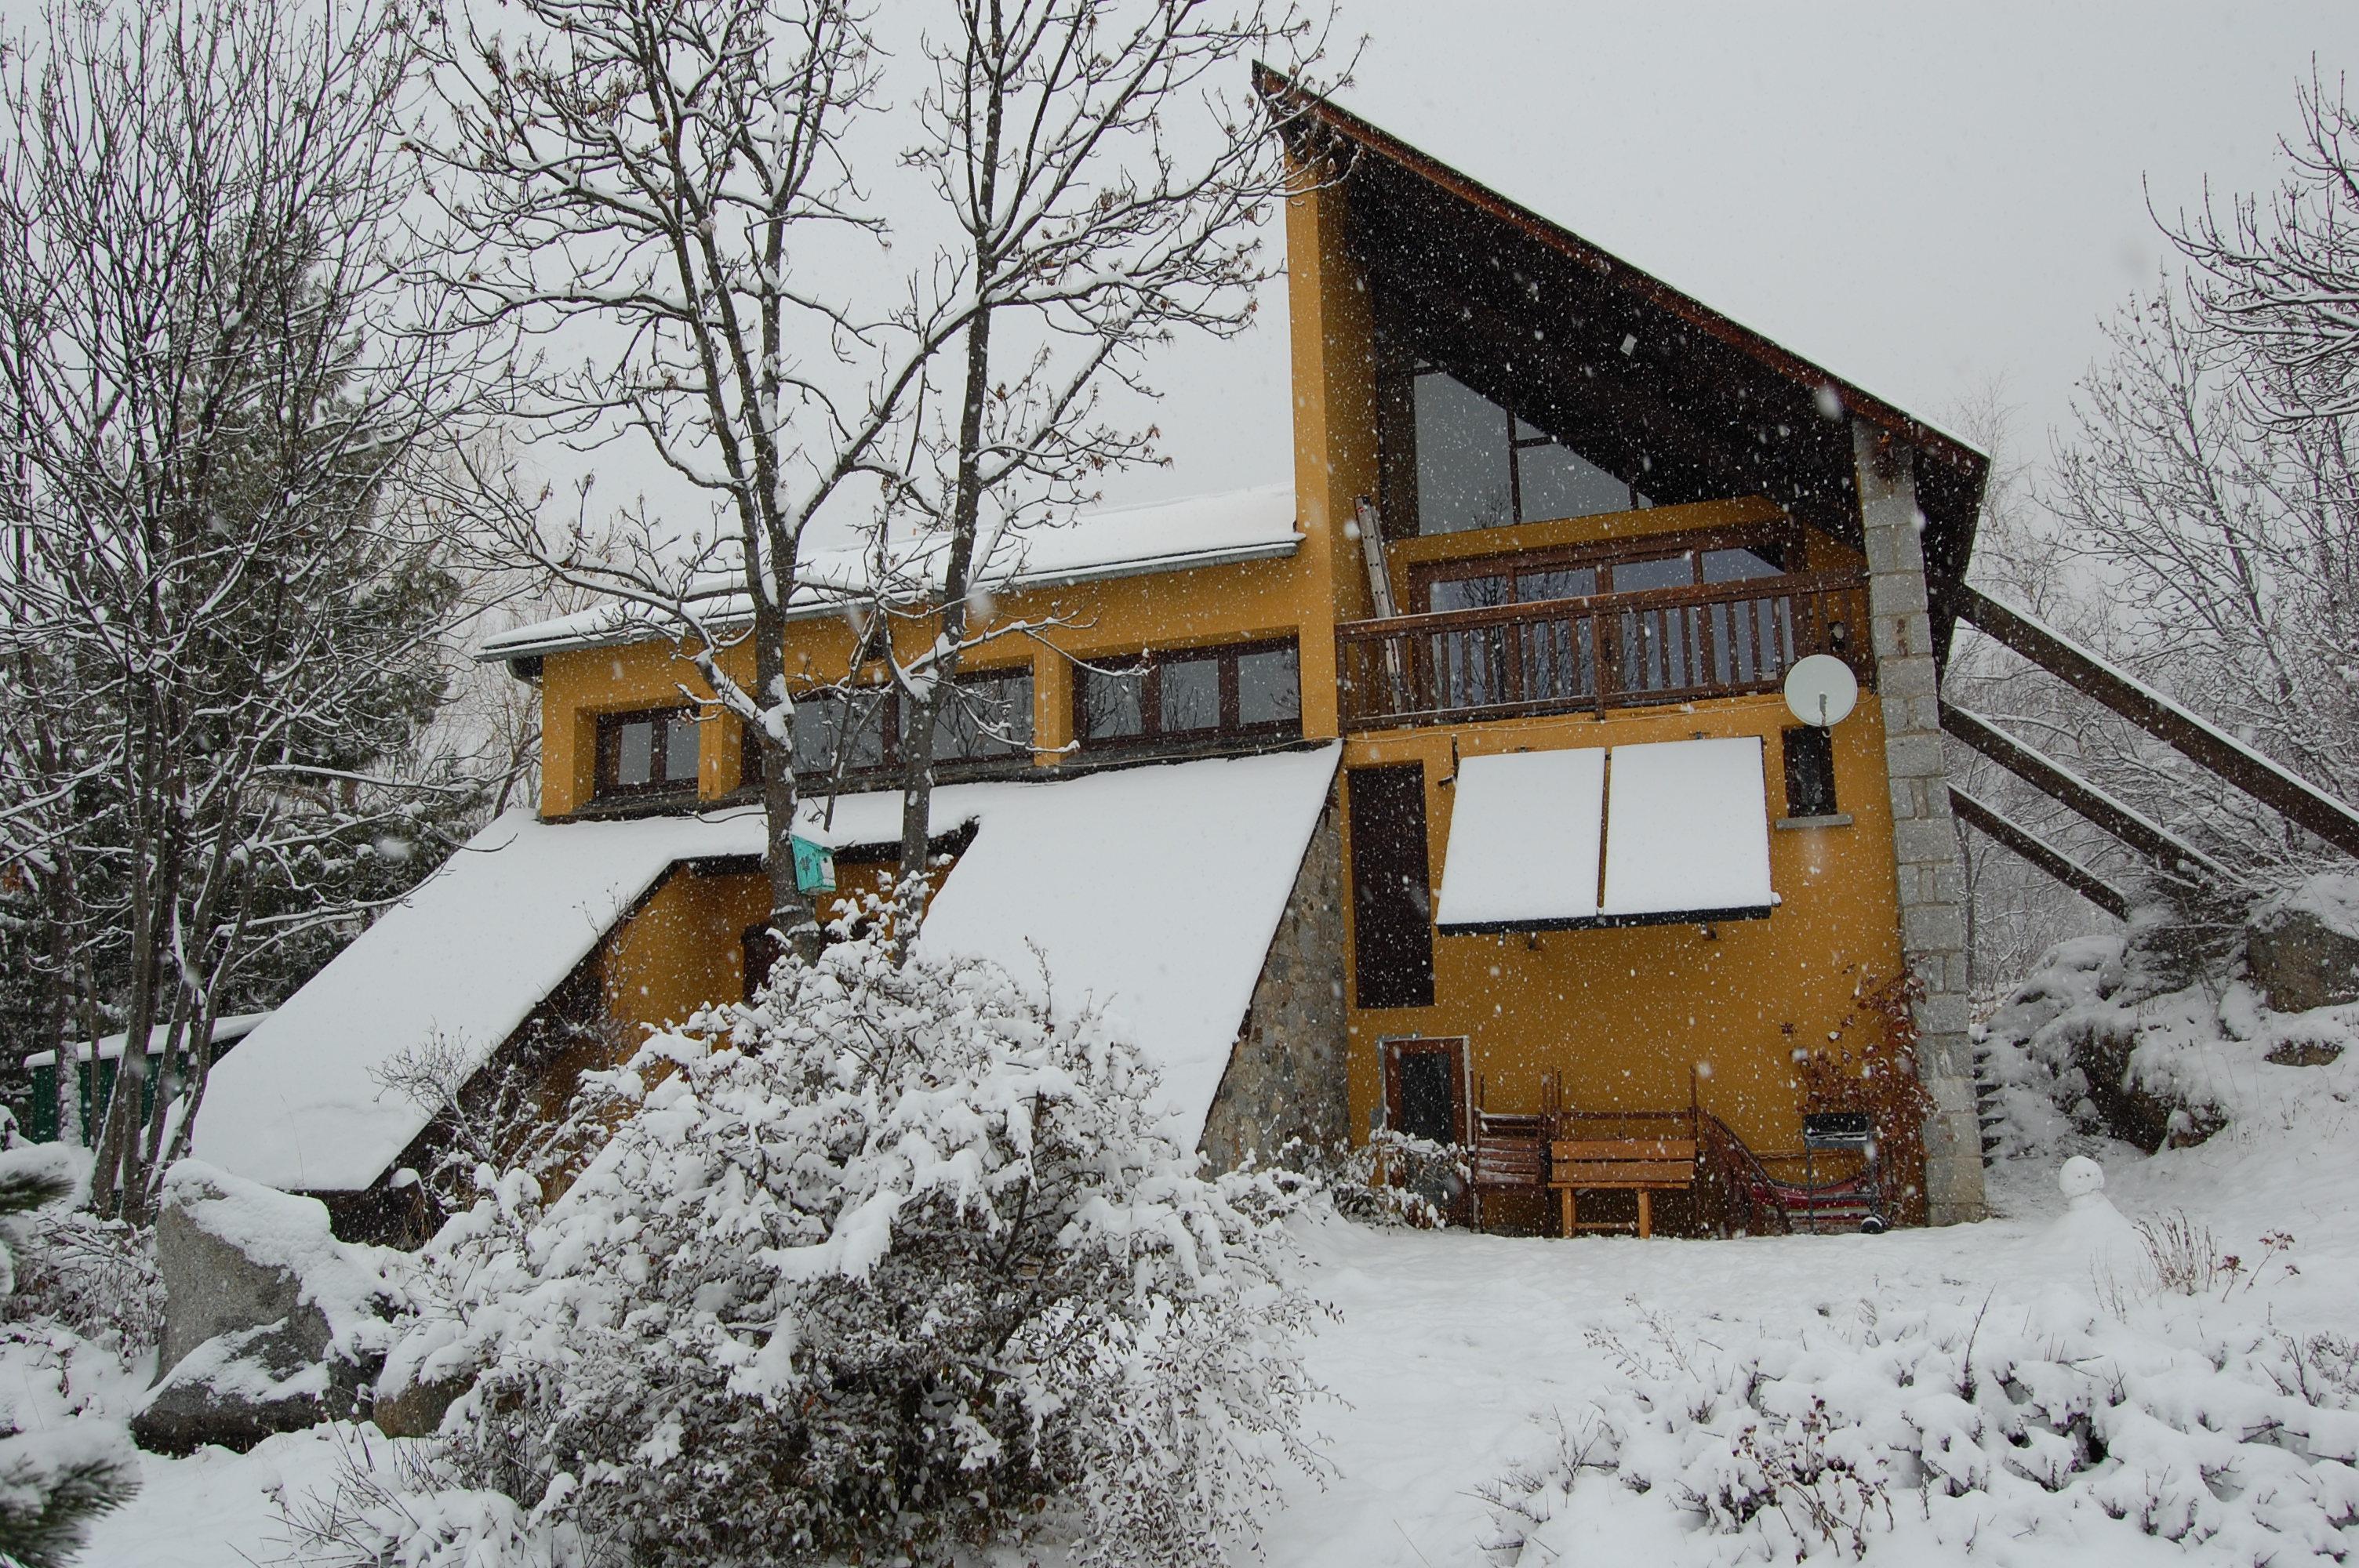 Balco de Dorres en invierno